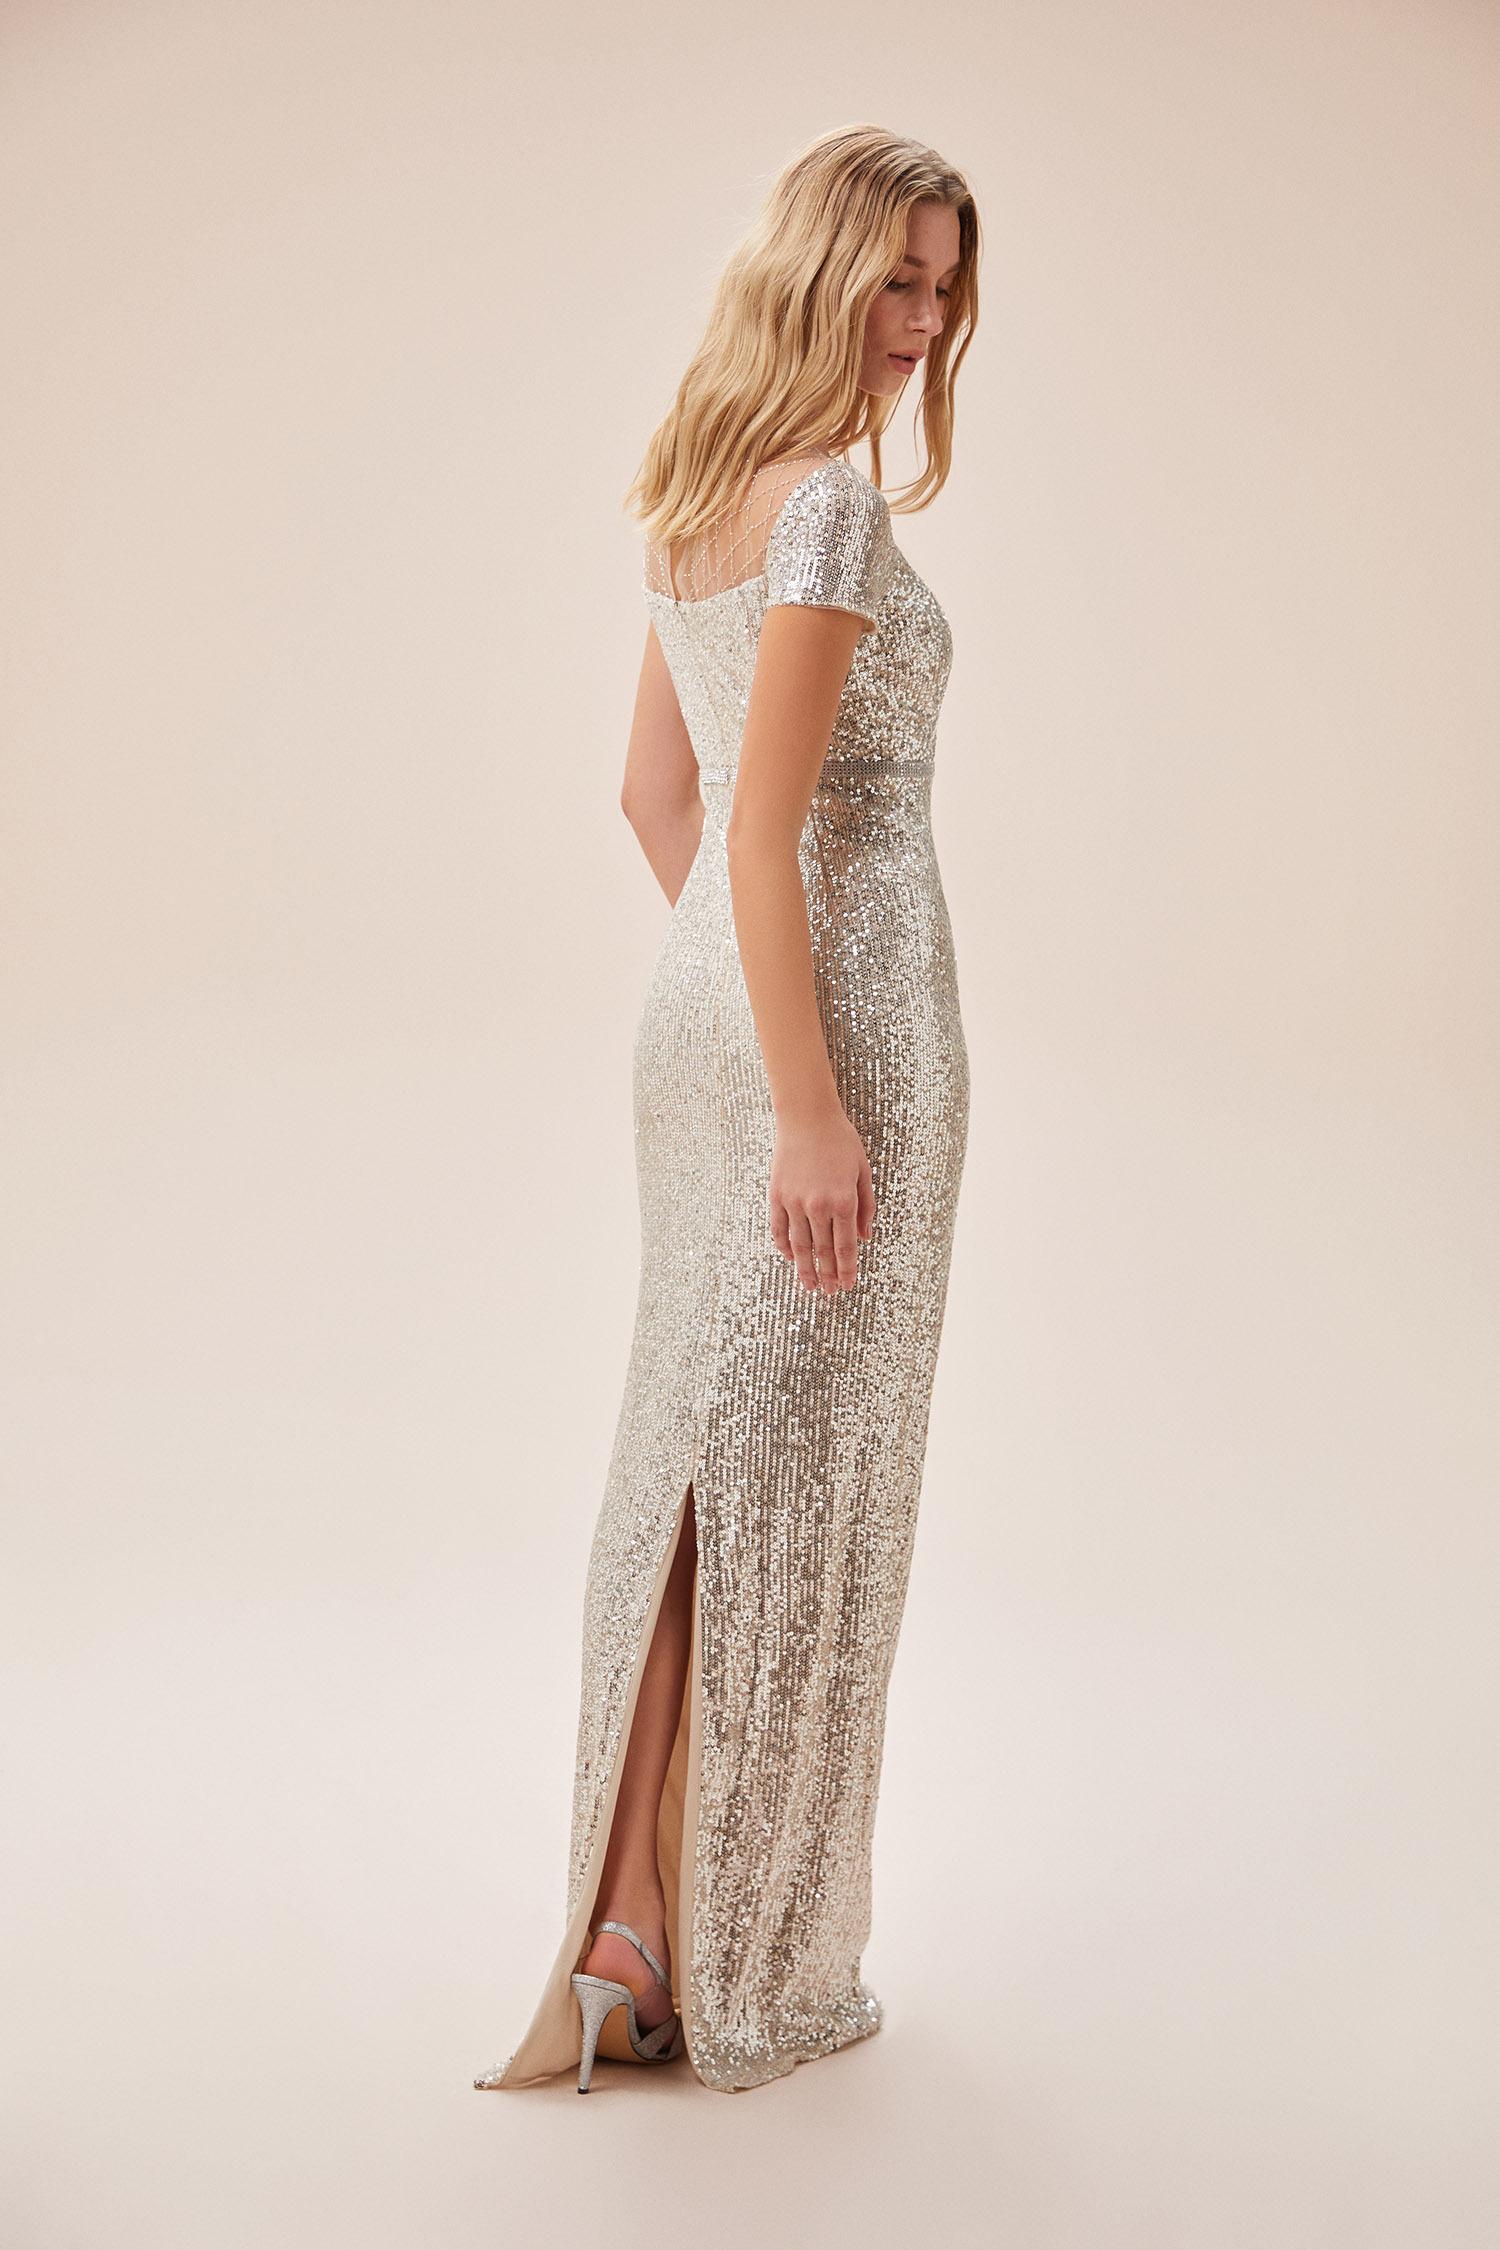 Şampanya Rengi Kısa Kollu Pul İşlemeli Uzun Abiye Elbise - Thumbnail